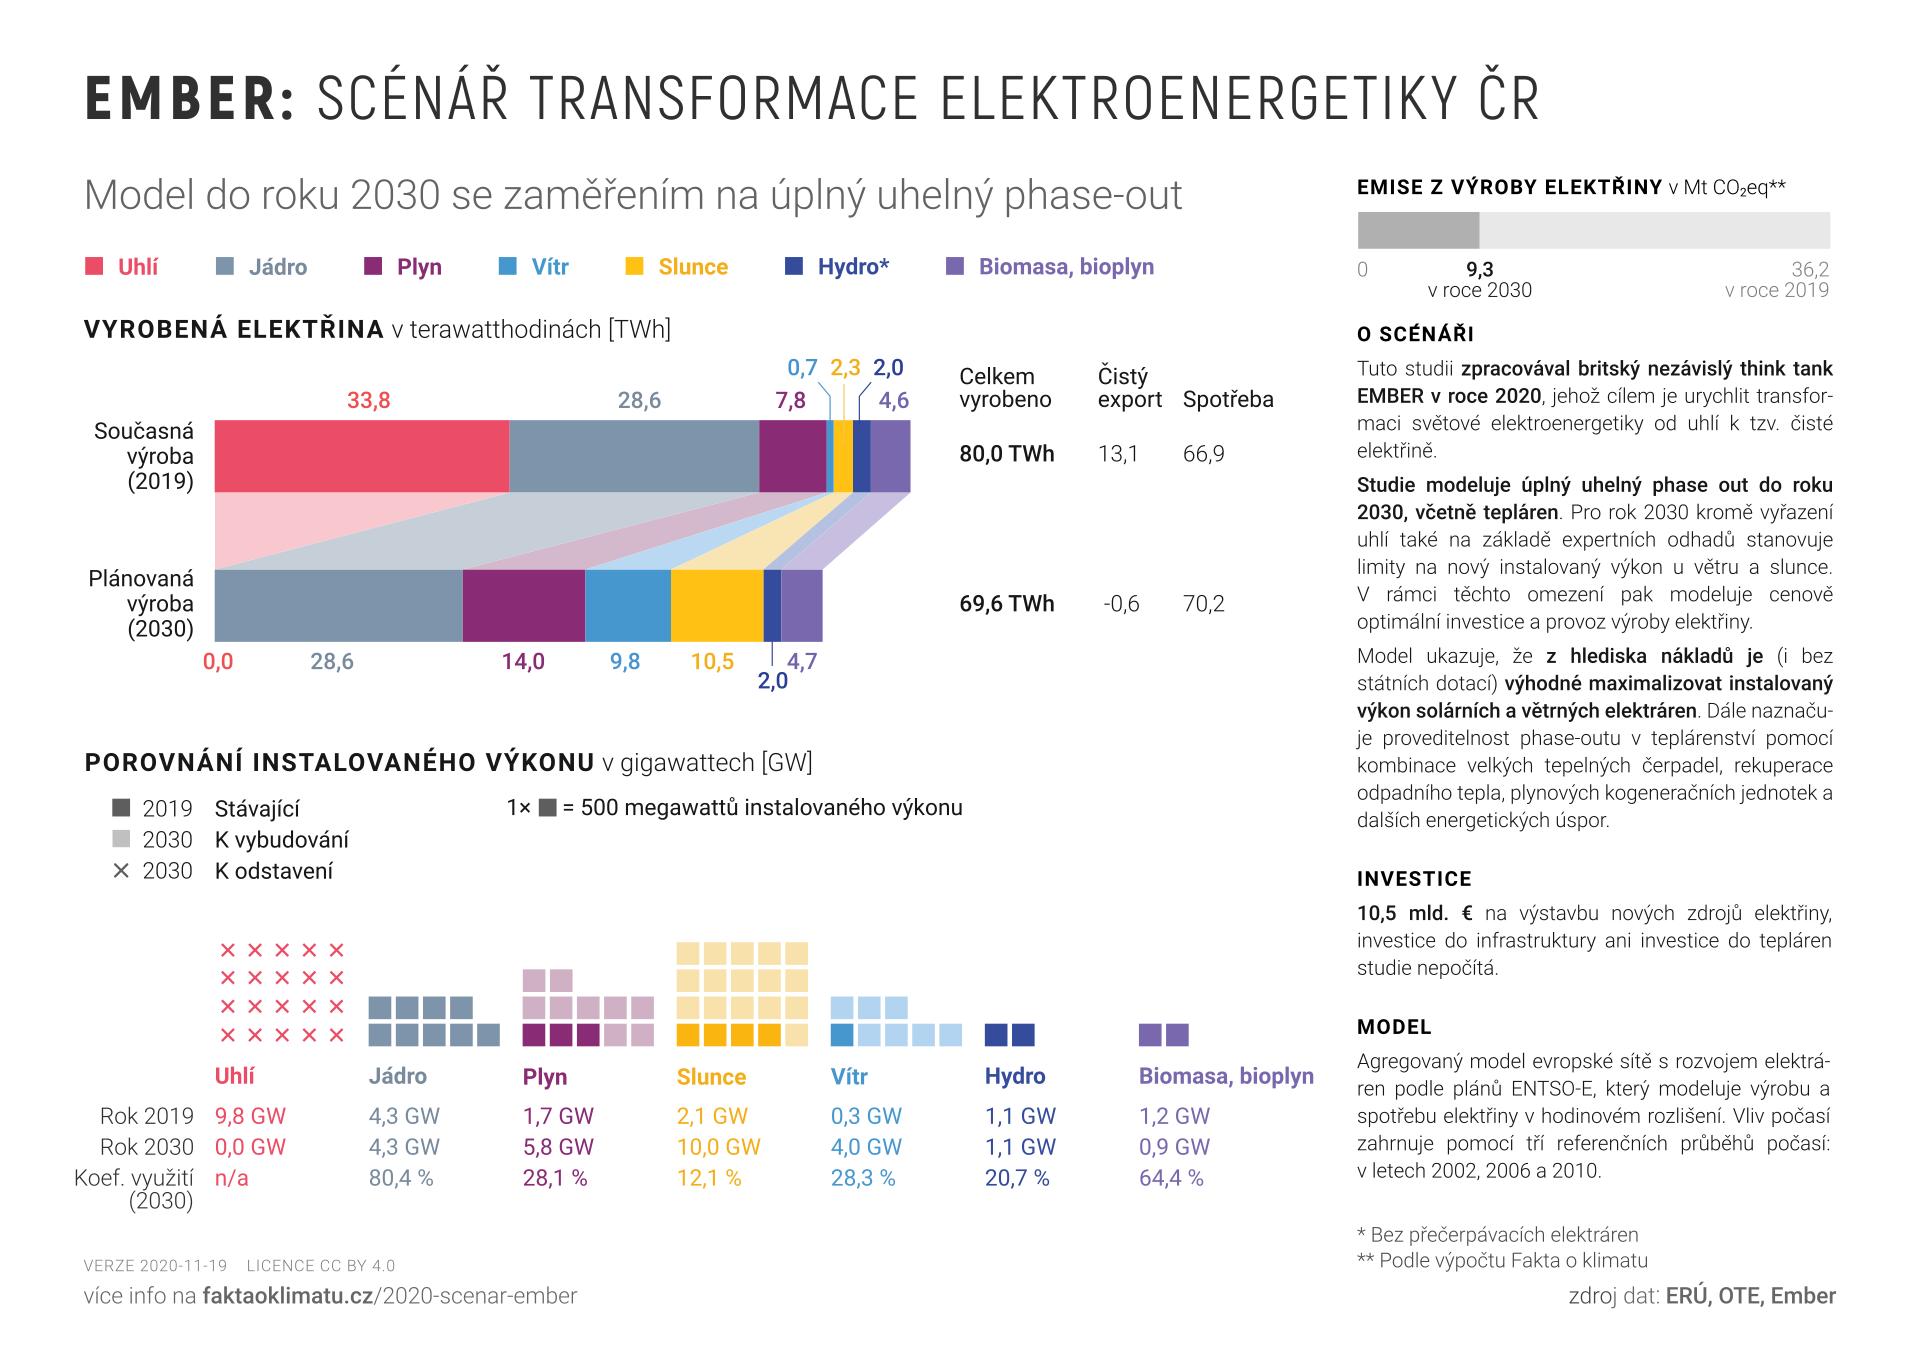 Graf č. 4 – shrnutí scénáře Ember. Převzato z webu projektu Fakta o klimatu, kde lze nalézt také zdrojová data a poznámky k použité metodice.